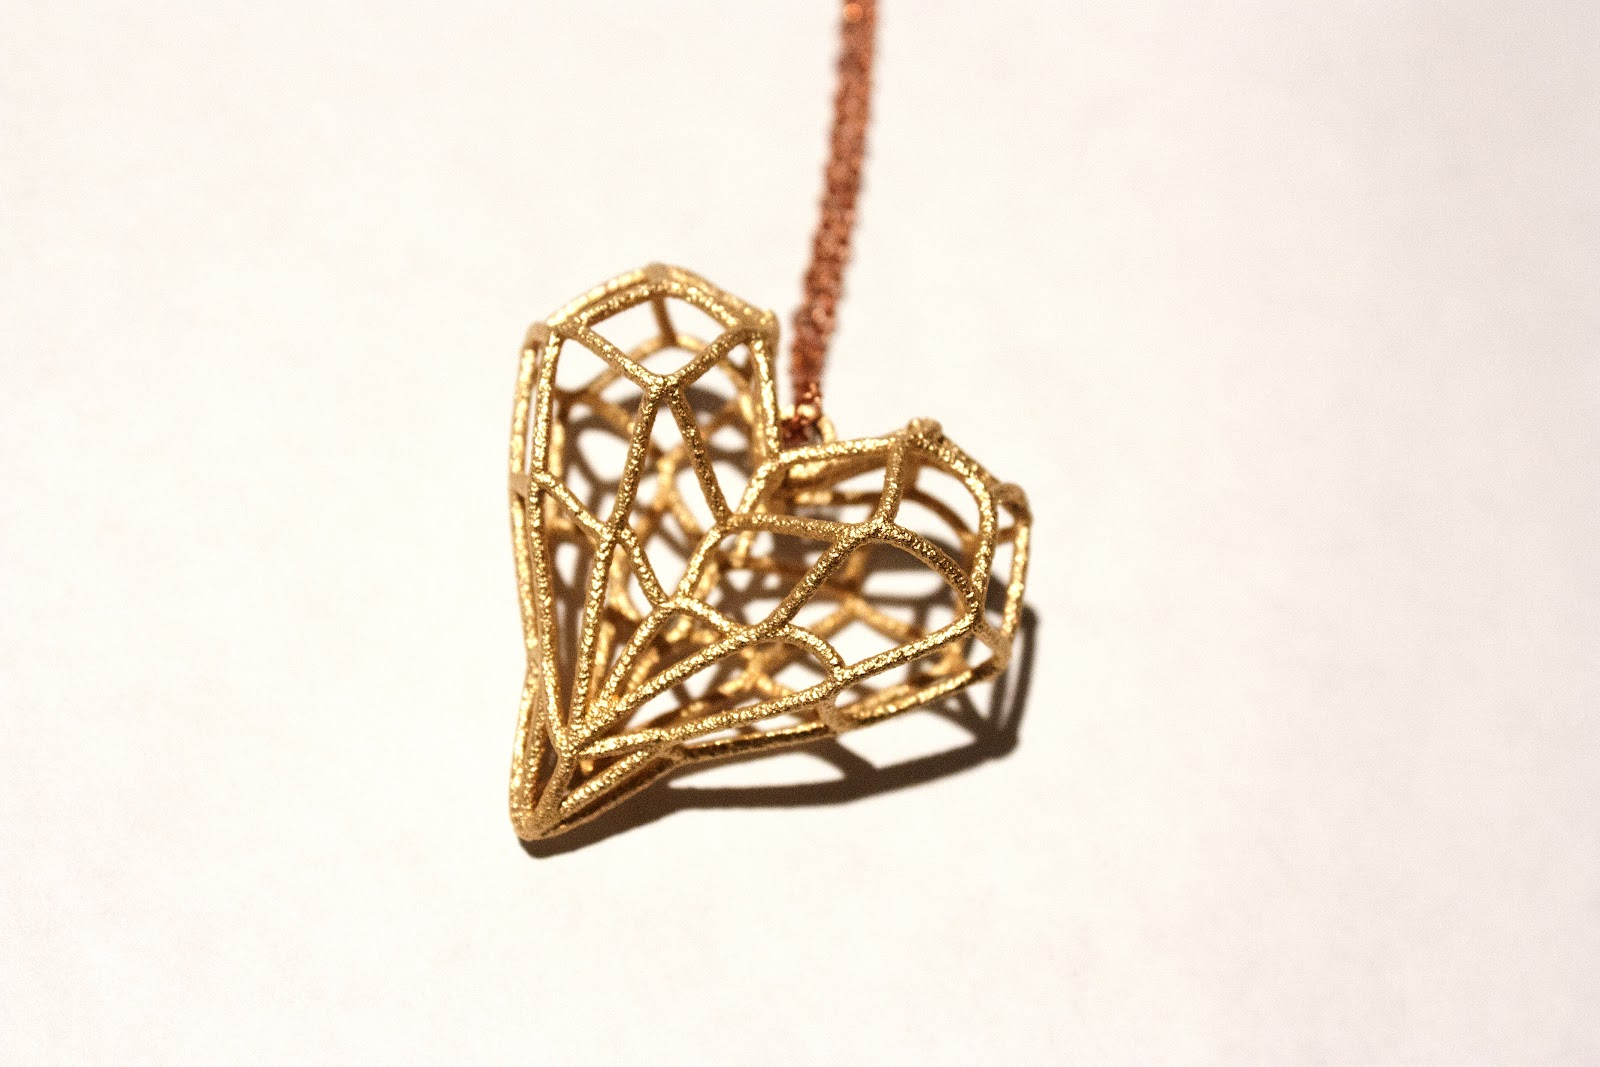 cadop 3d printed jewelry cadop